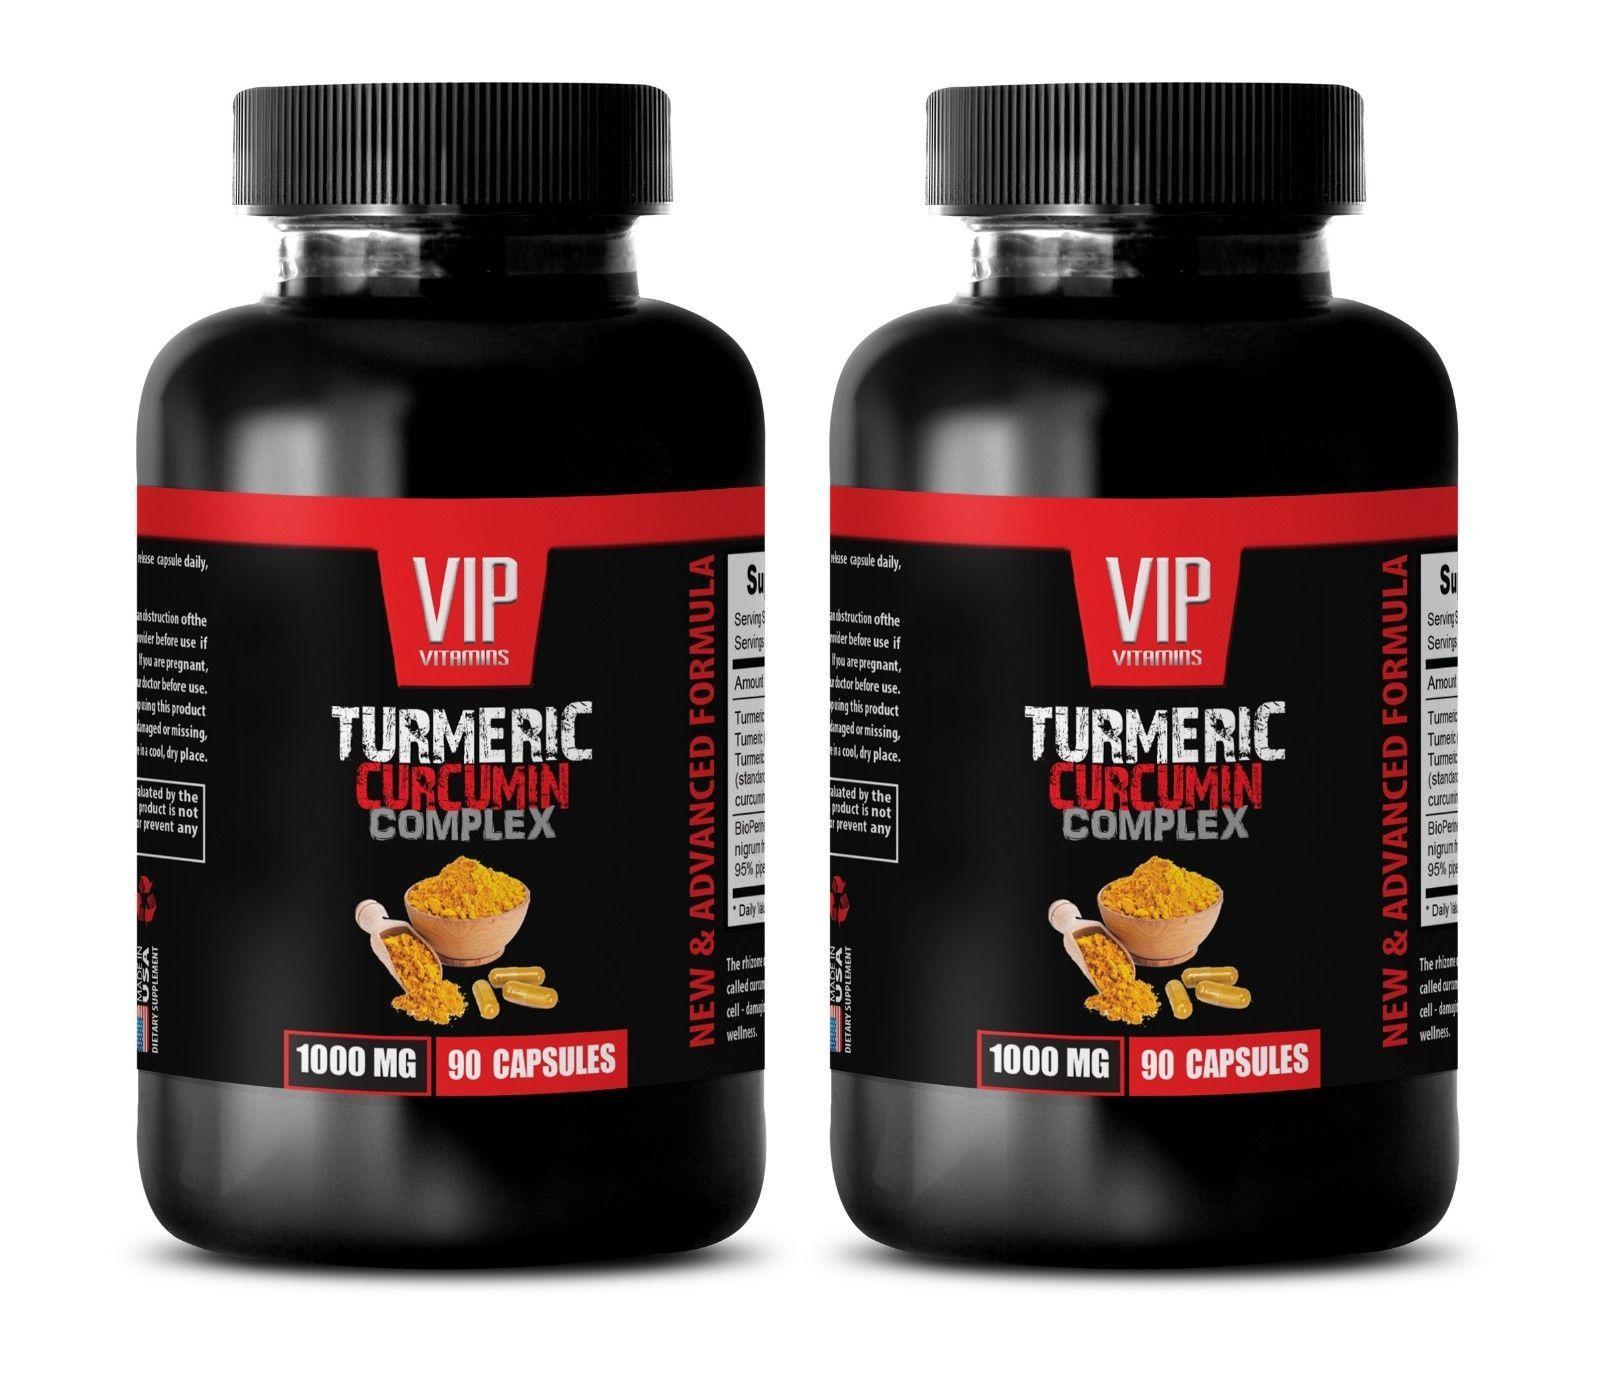 anti inflammatory pills for adults - TURMERIC CURCUMIN 1000MG 2B - wellness form - $46.74